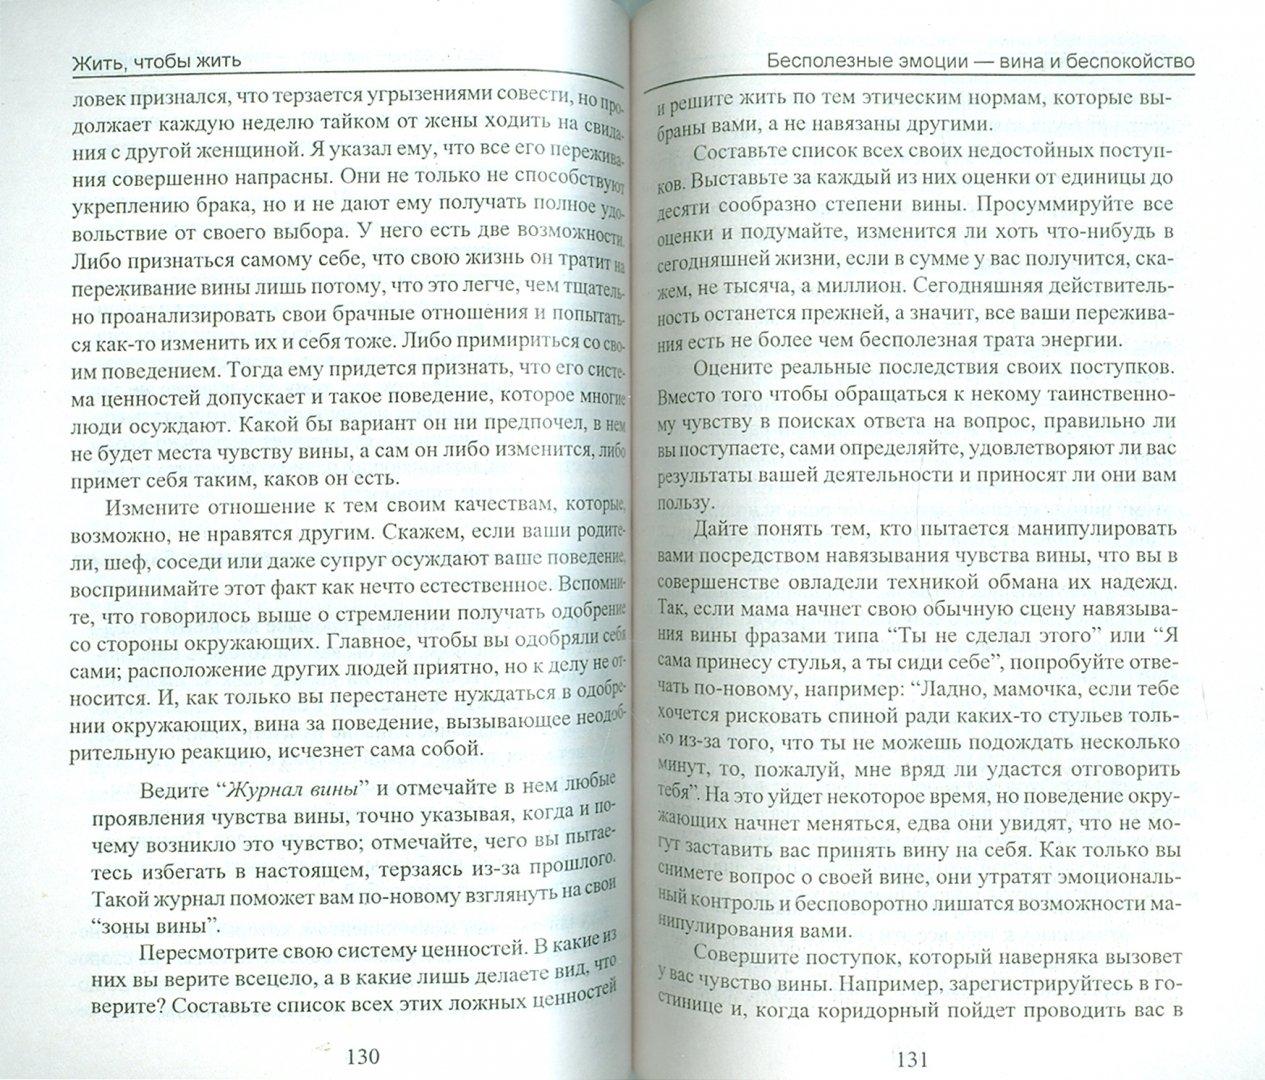 Иллюстрация 1 из 27 для Как избавиться от комплекса неполноценности - Уэйн Дайер | Лабиринт - книги. Источник: Лабиринт